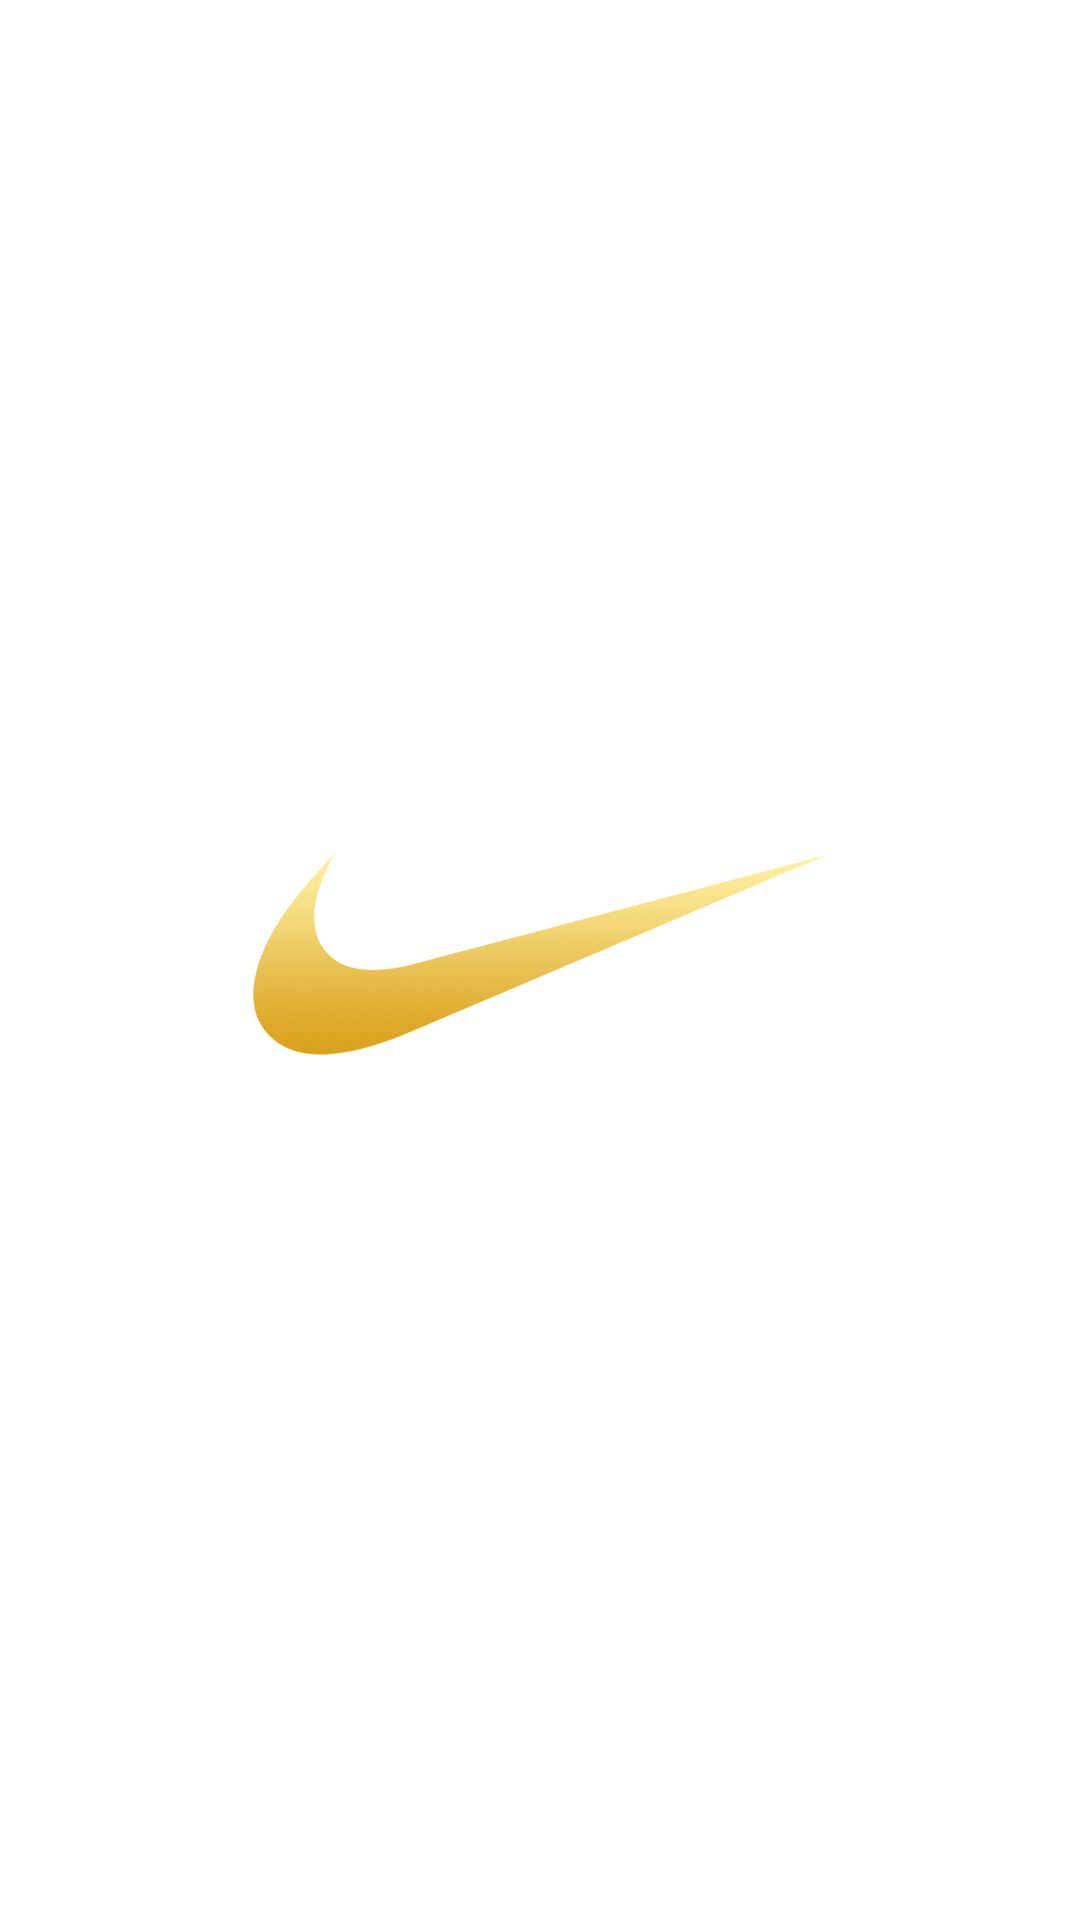 Nike Logo Gold Iphone Wallpaper In 2020 Nike Logo Wallpapers Nike Background Nike Wallpaper